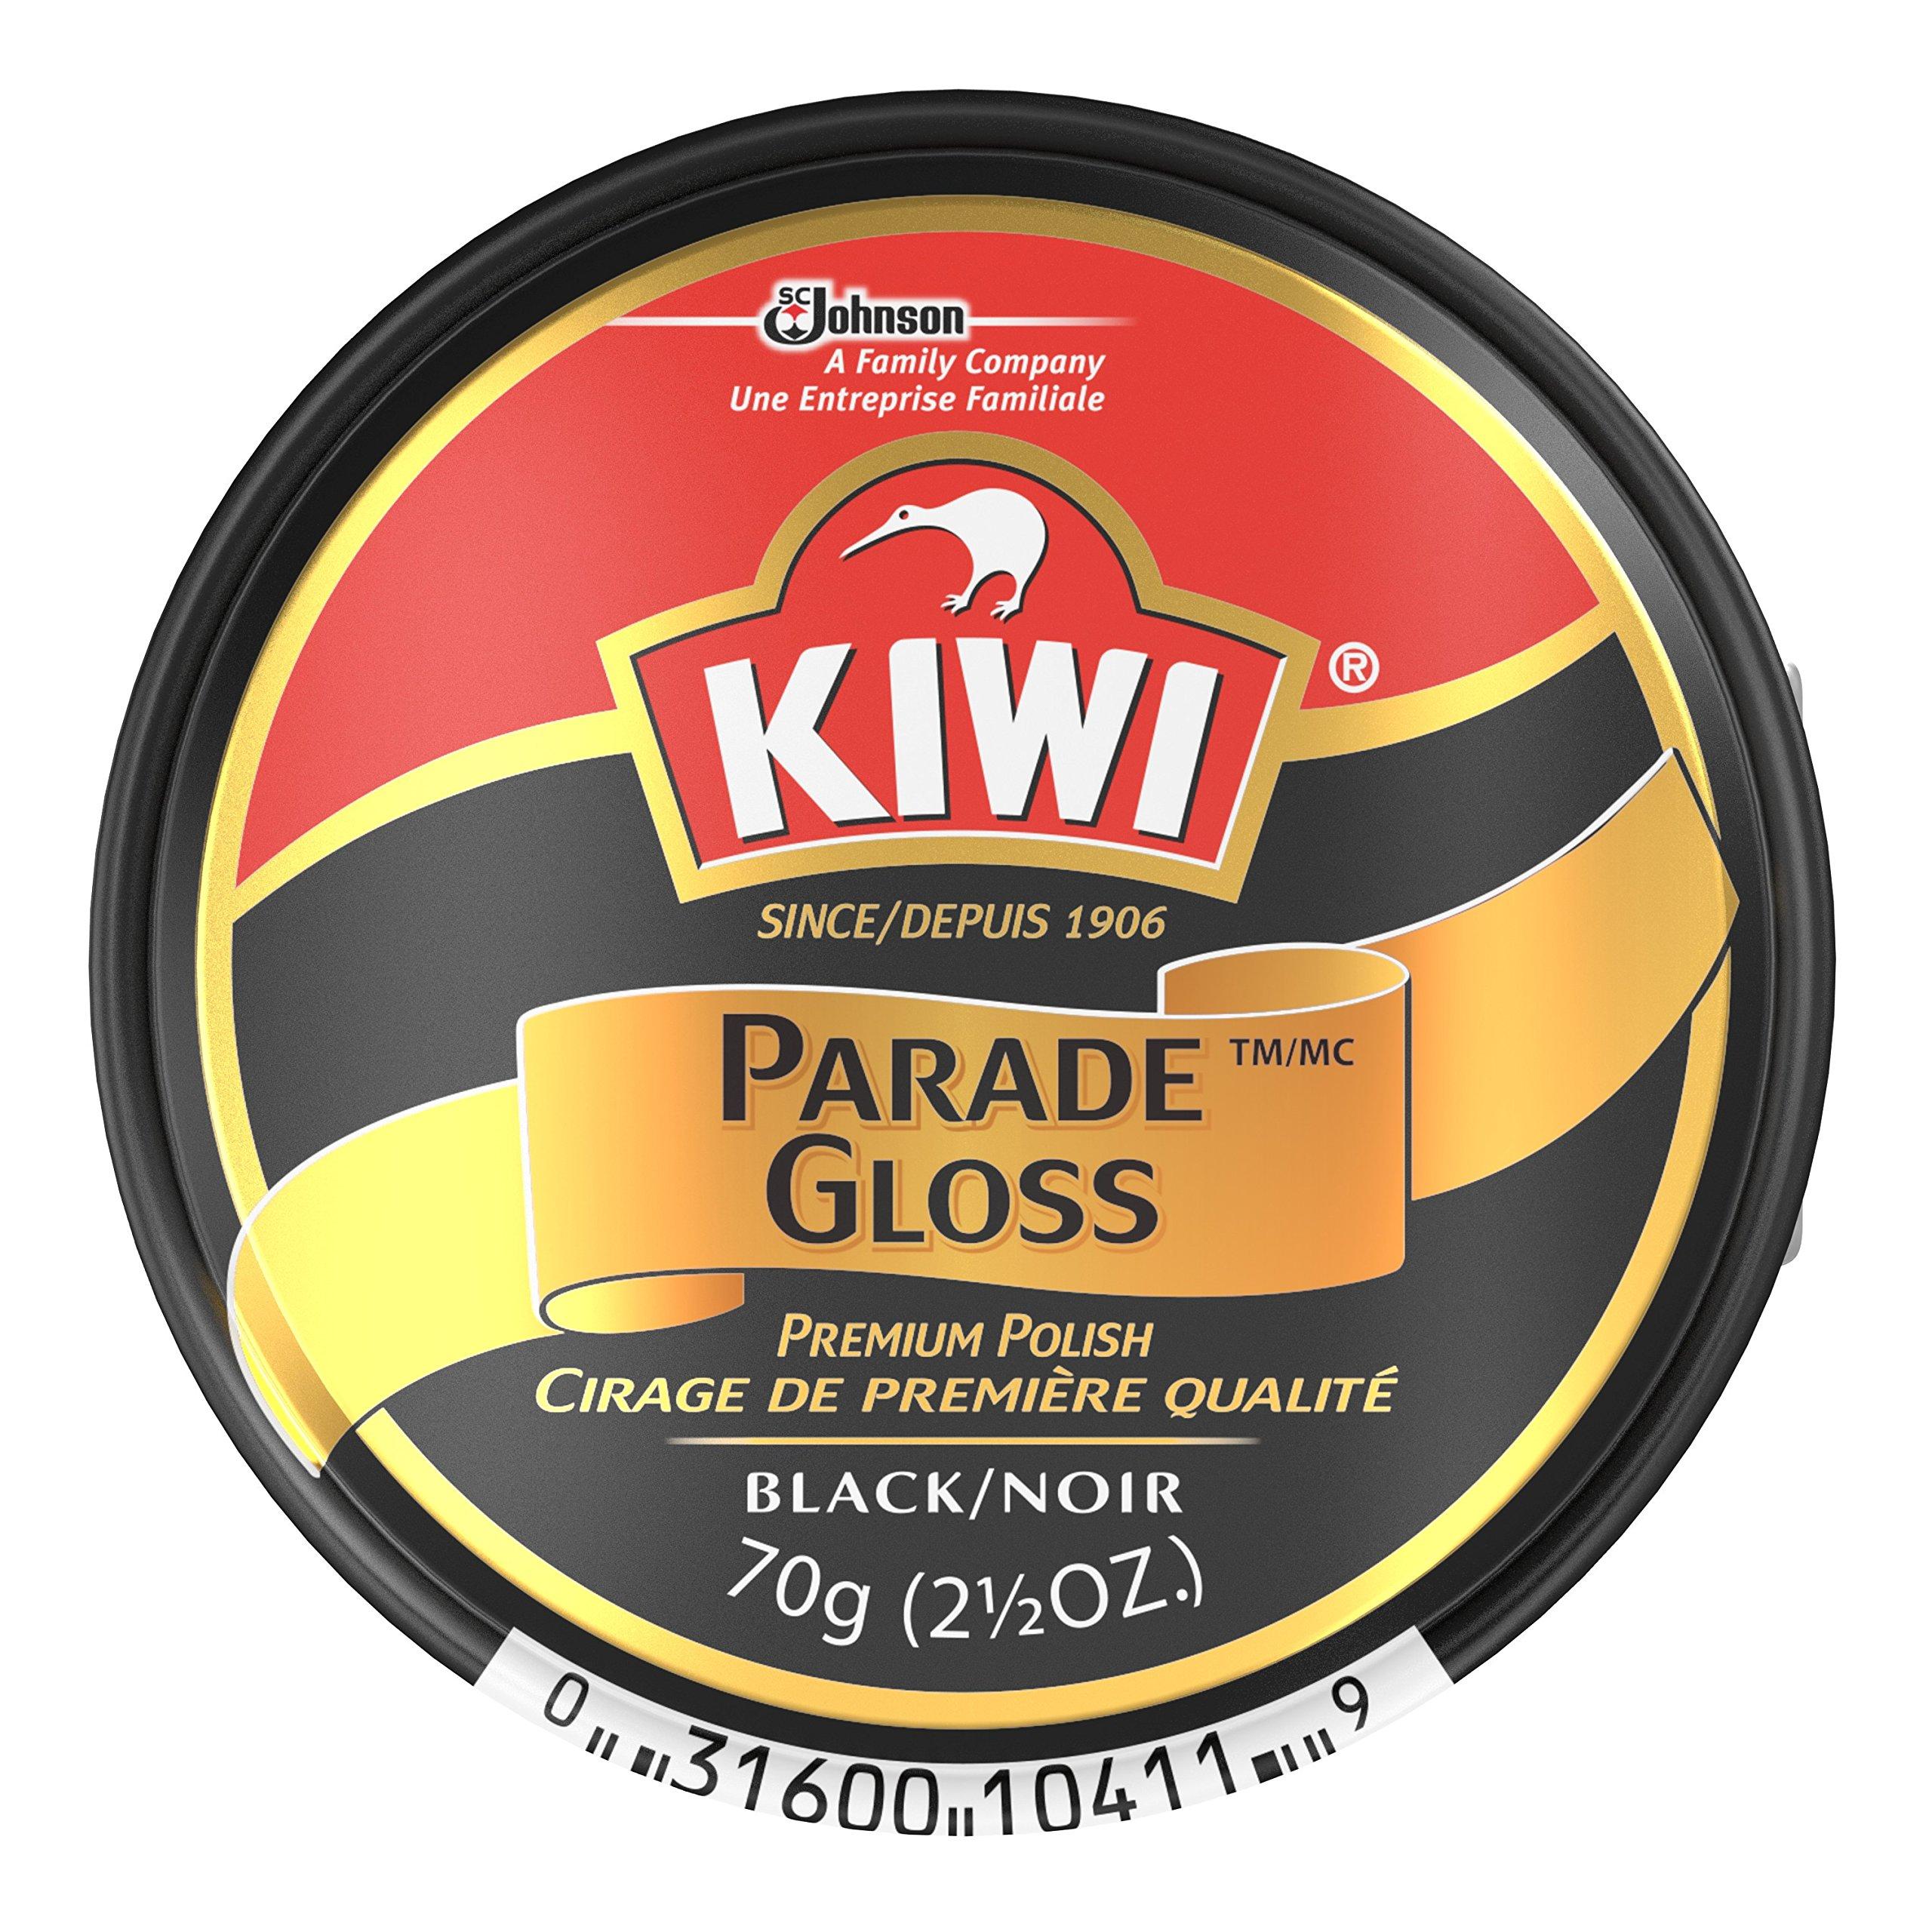 Kiwi Parade Gloss Shoe Polish - Black - 2.5 oz. - Large (Pack - 3)